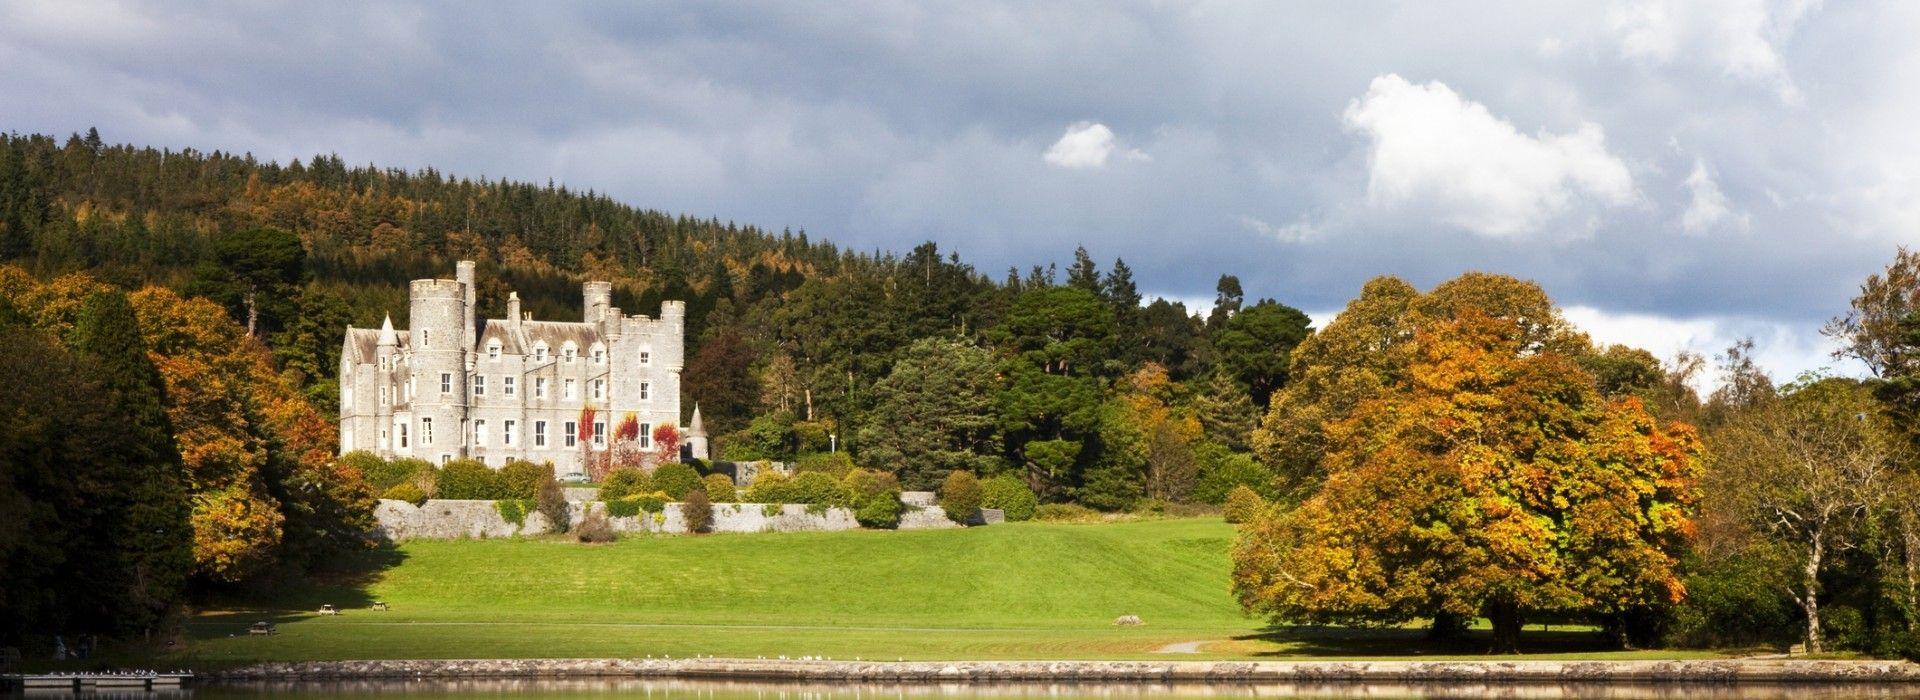 Adventure and sport activities Tours in Ireland